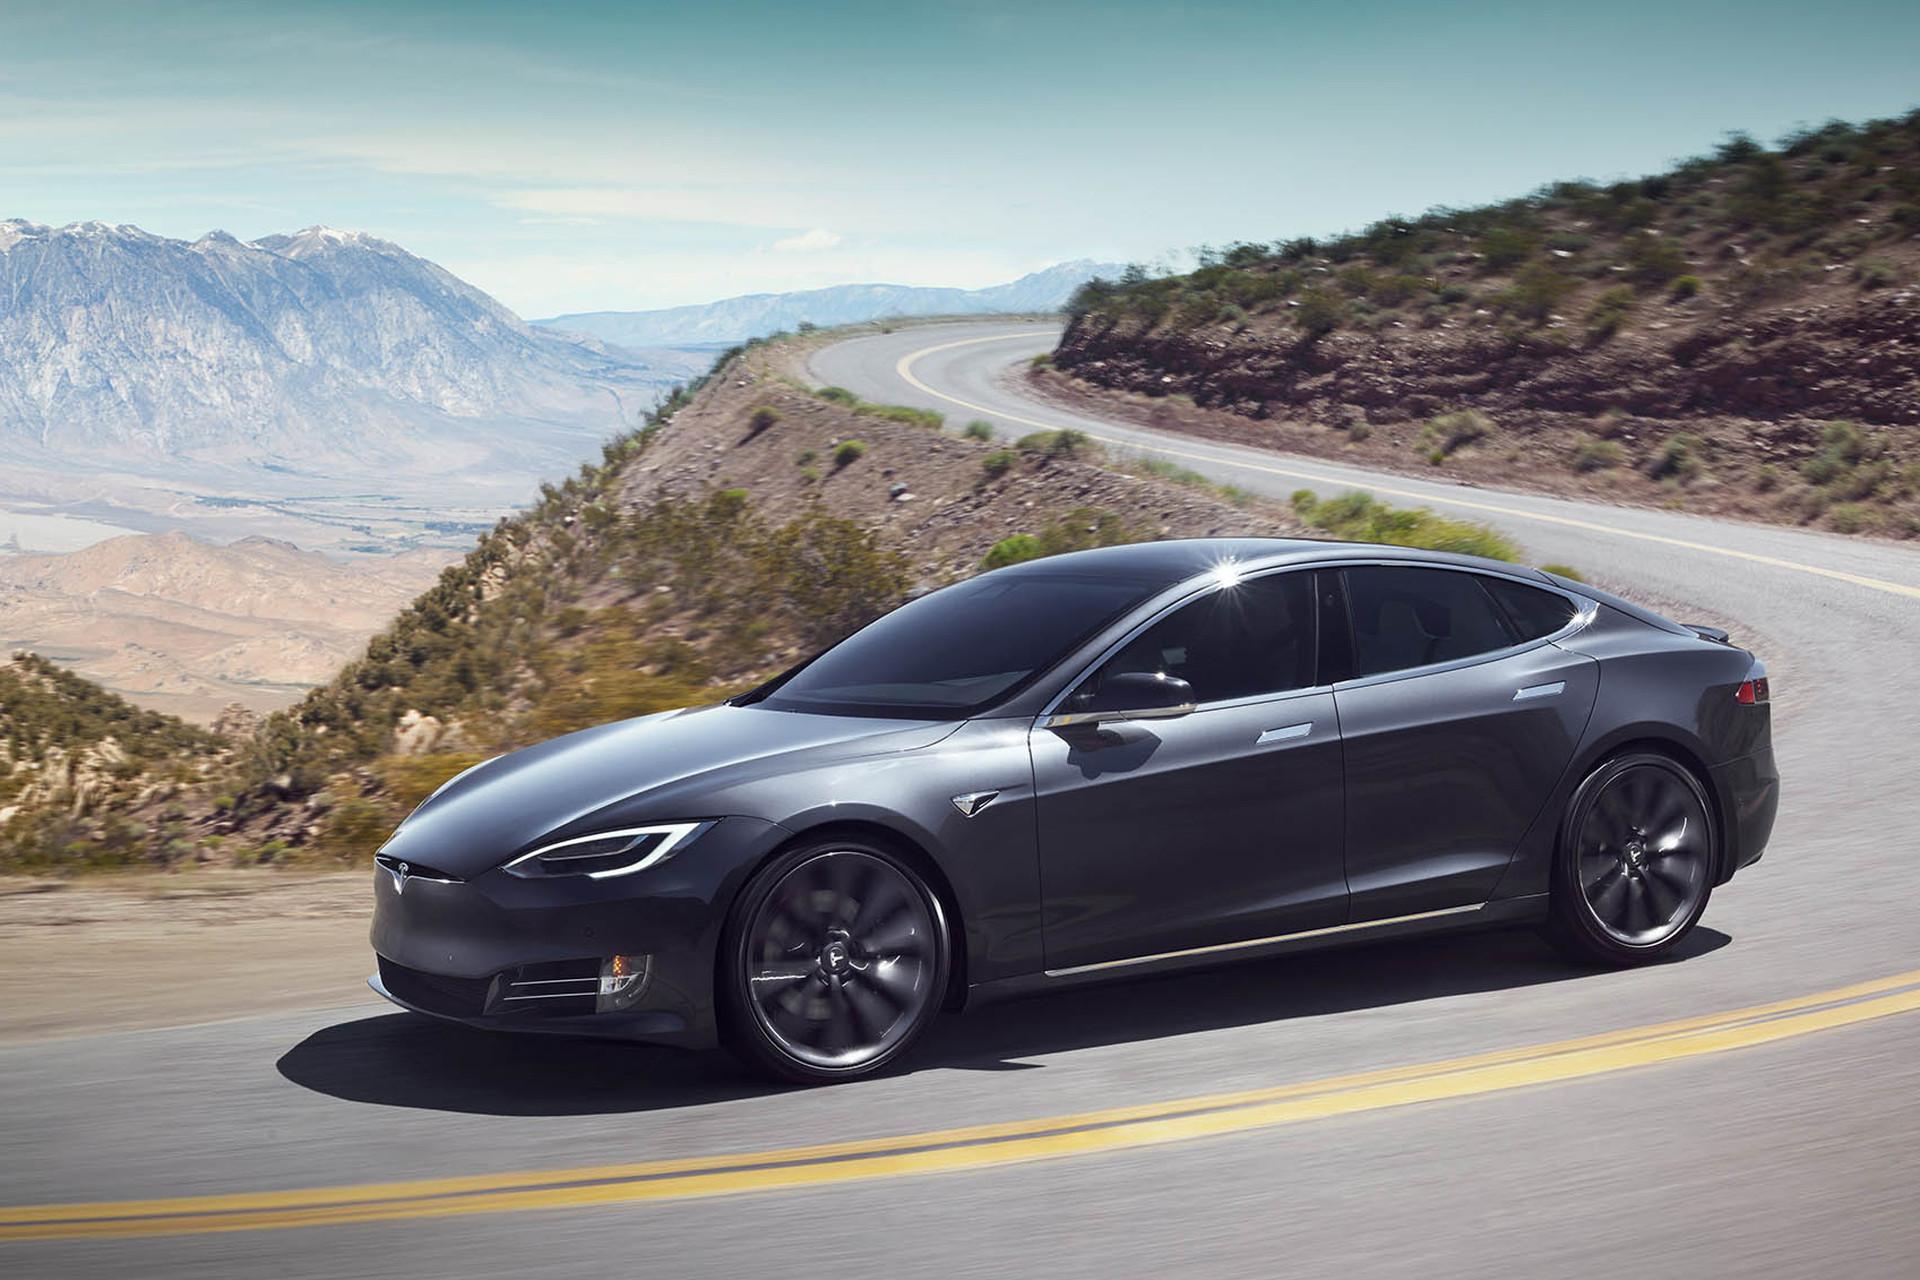 Ik Wil Een Elektrische Auto Waar Krijg Ik Mee Te Maken Autonieuws Autokopen Nl